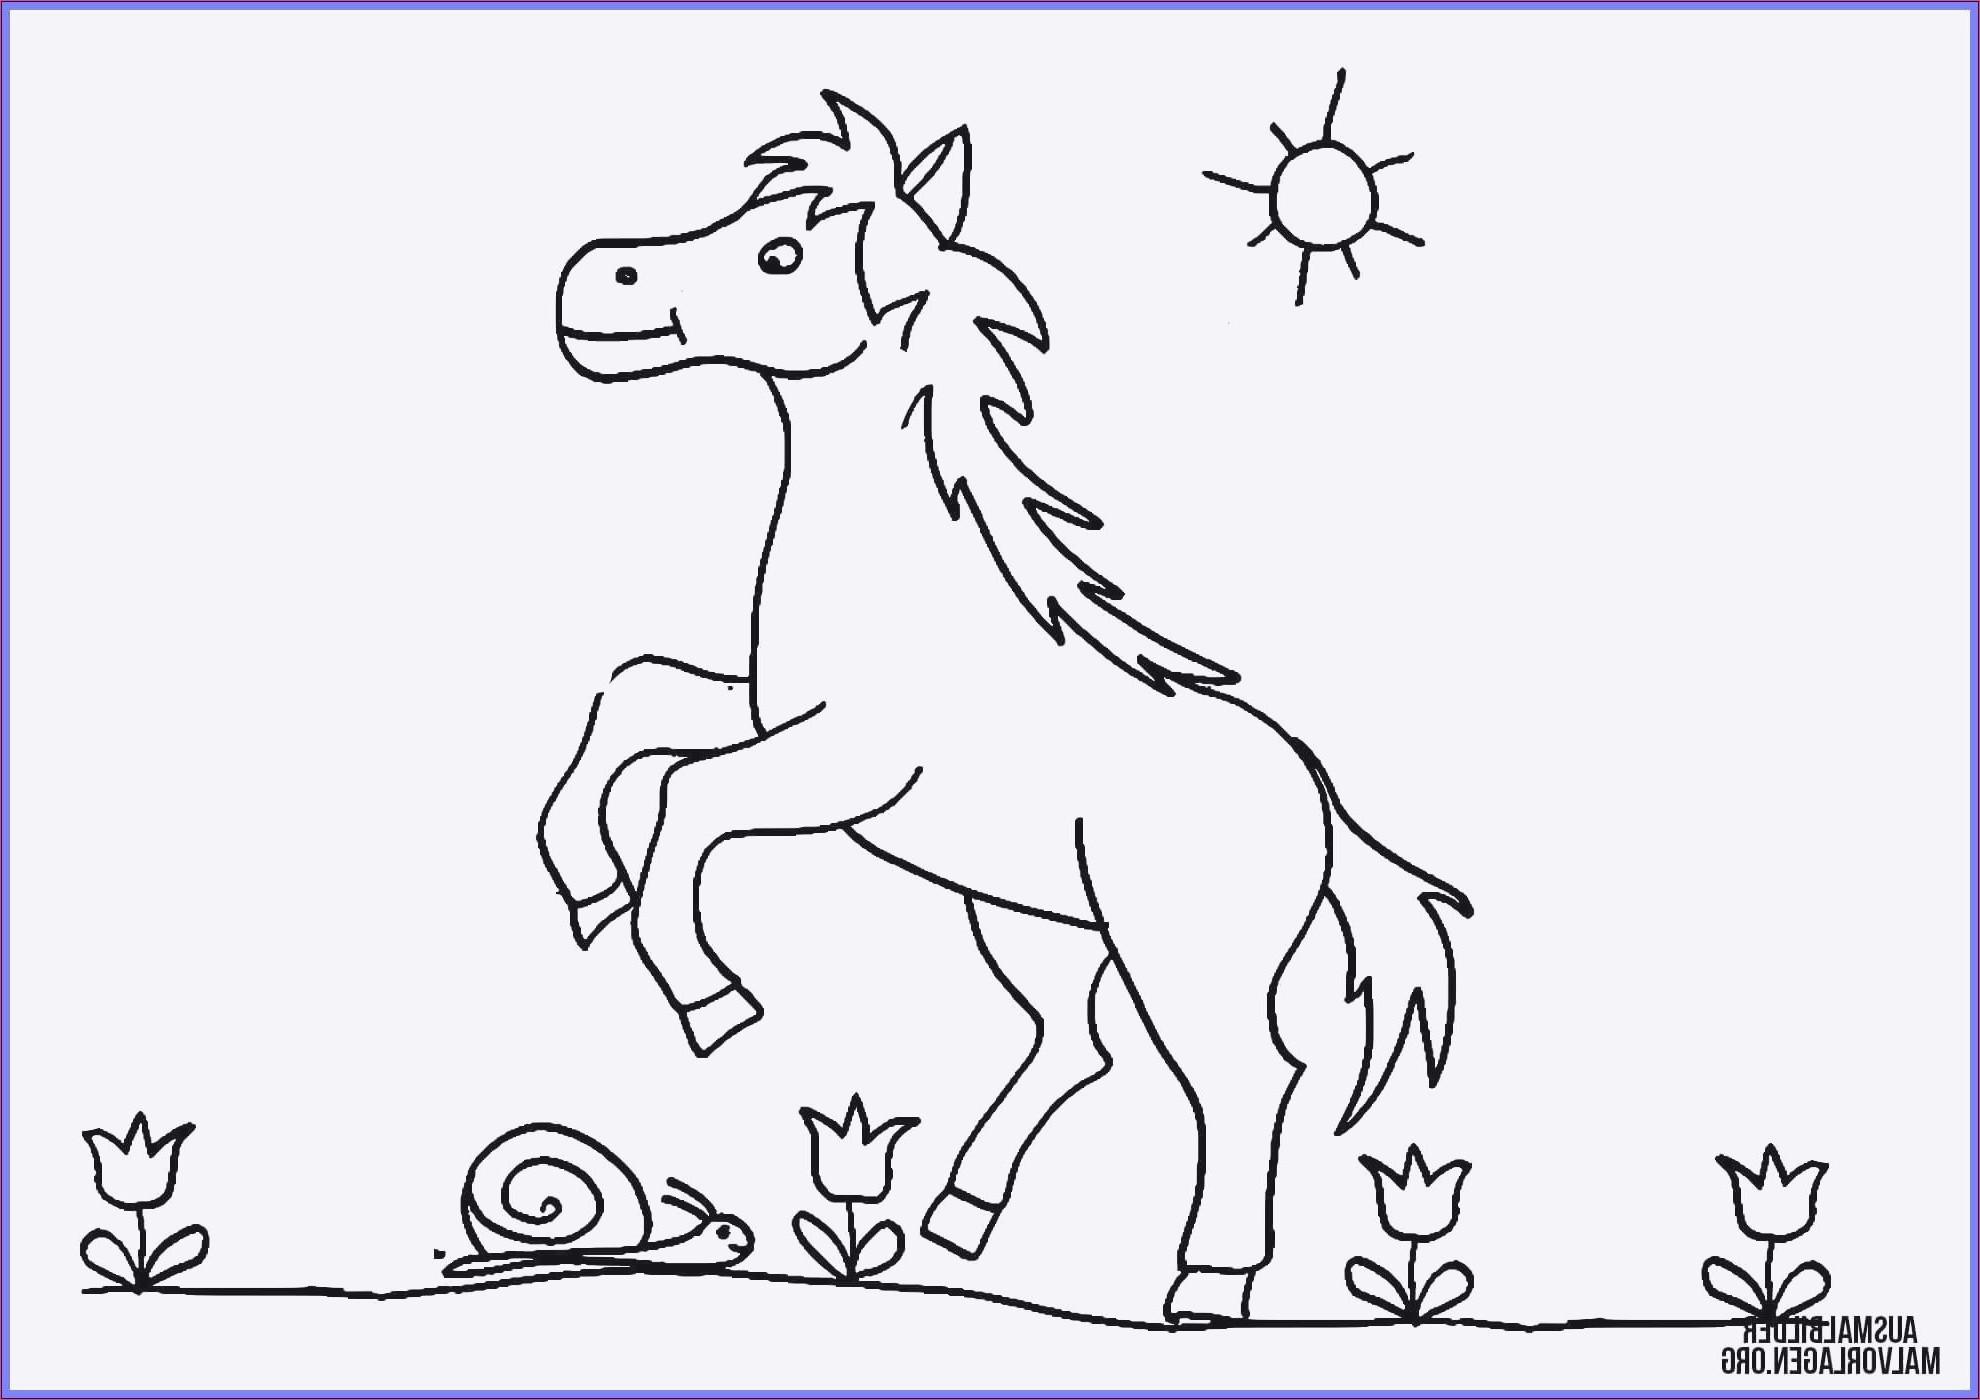 Pferde Ausmalbilder Mit Reiter Das Beste Von 26 Inspirierend Malvorlagen Pferde – Malvorlagen Ideen Sammlung